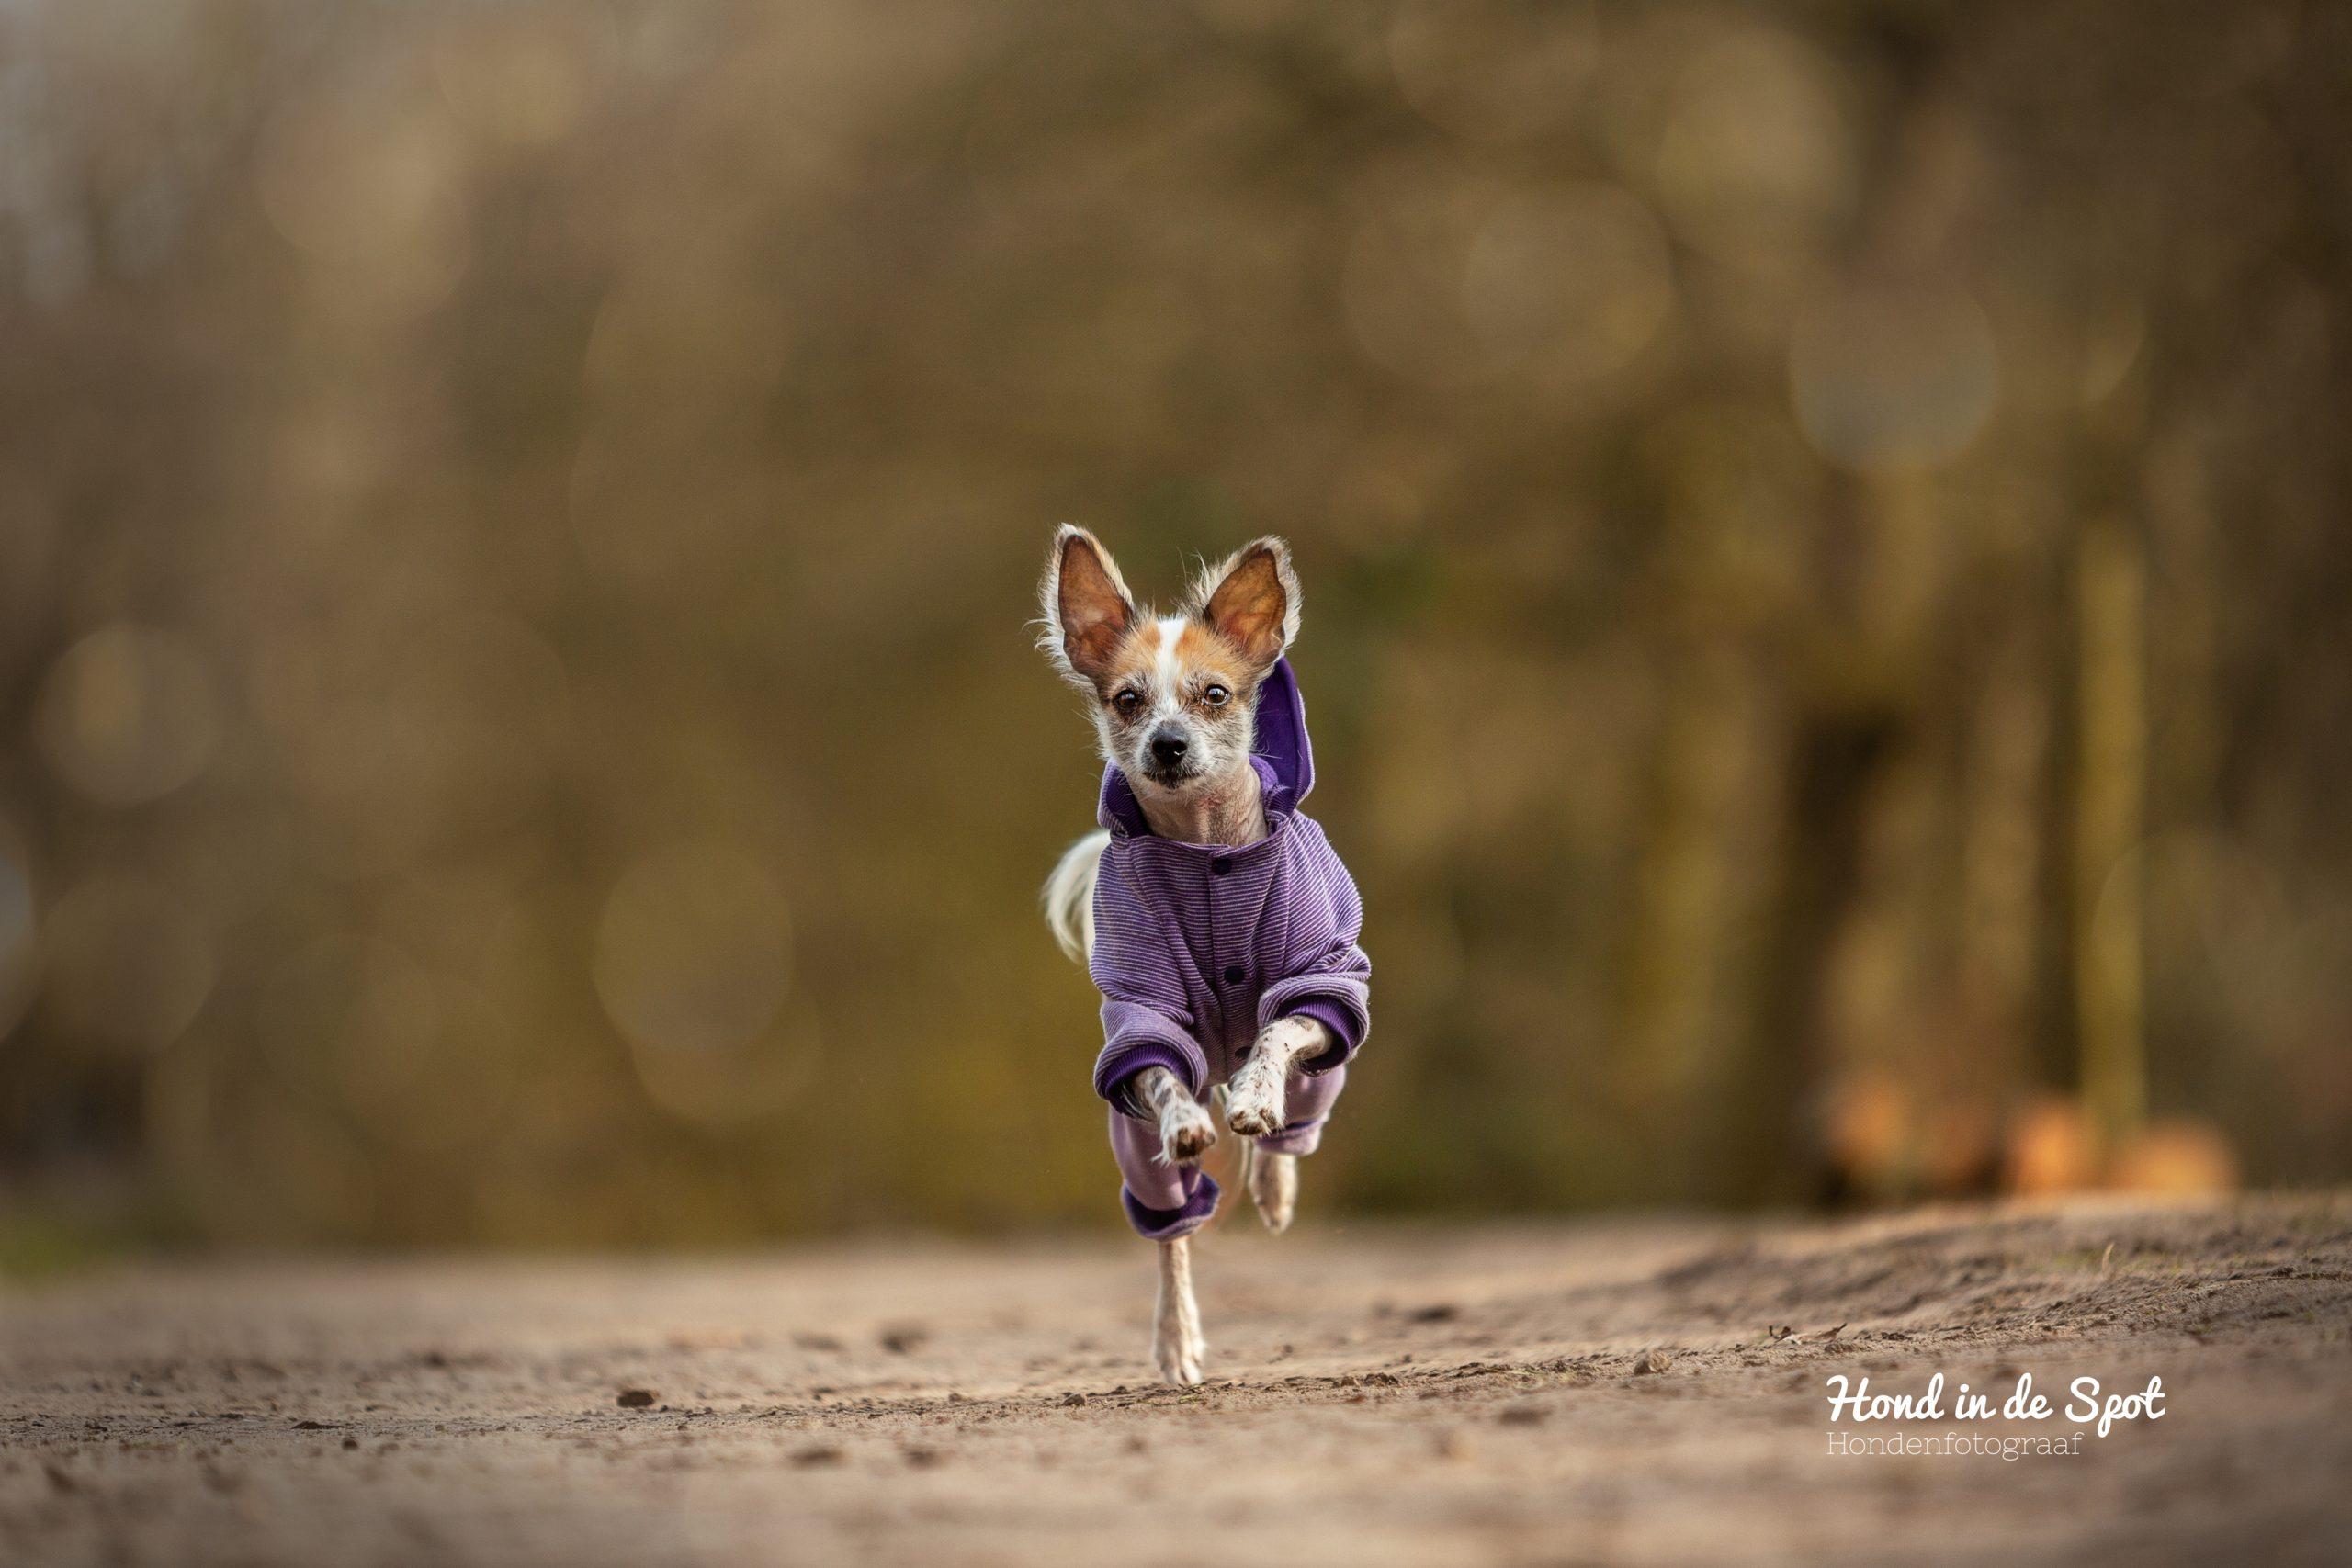 Hondenfotograaf Den Haag